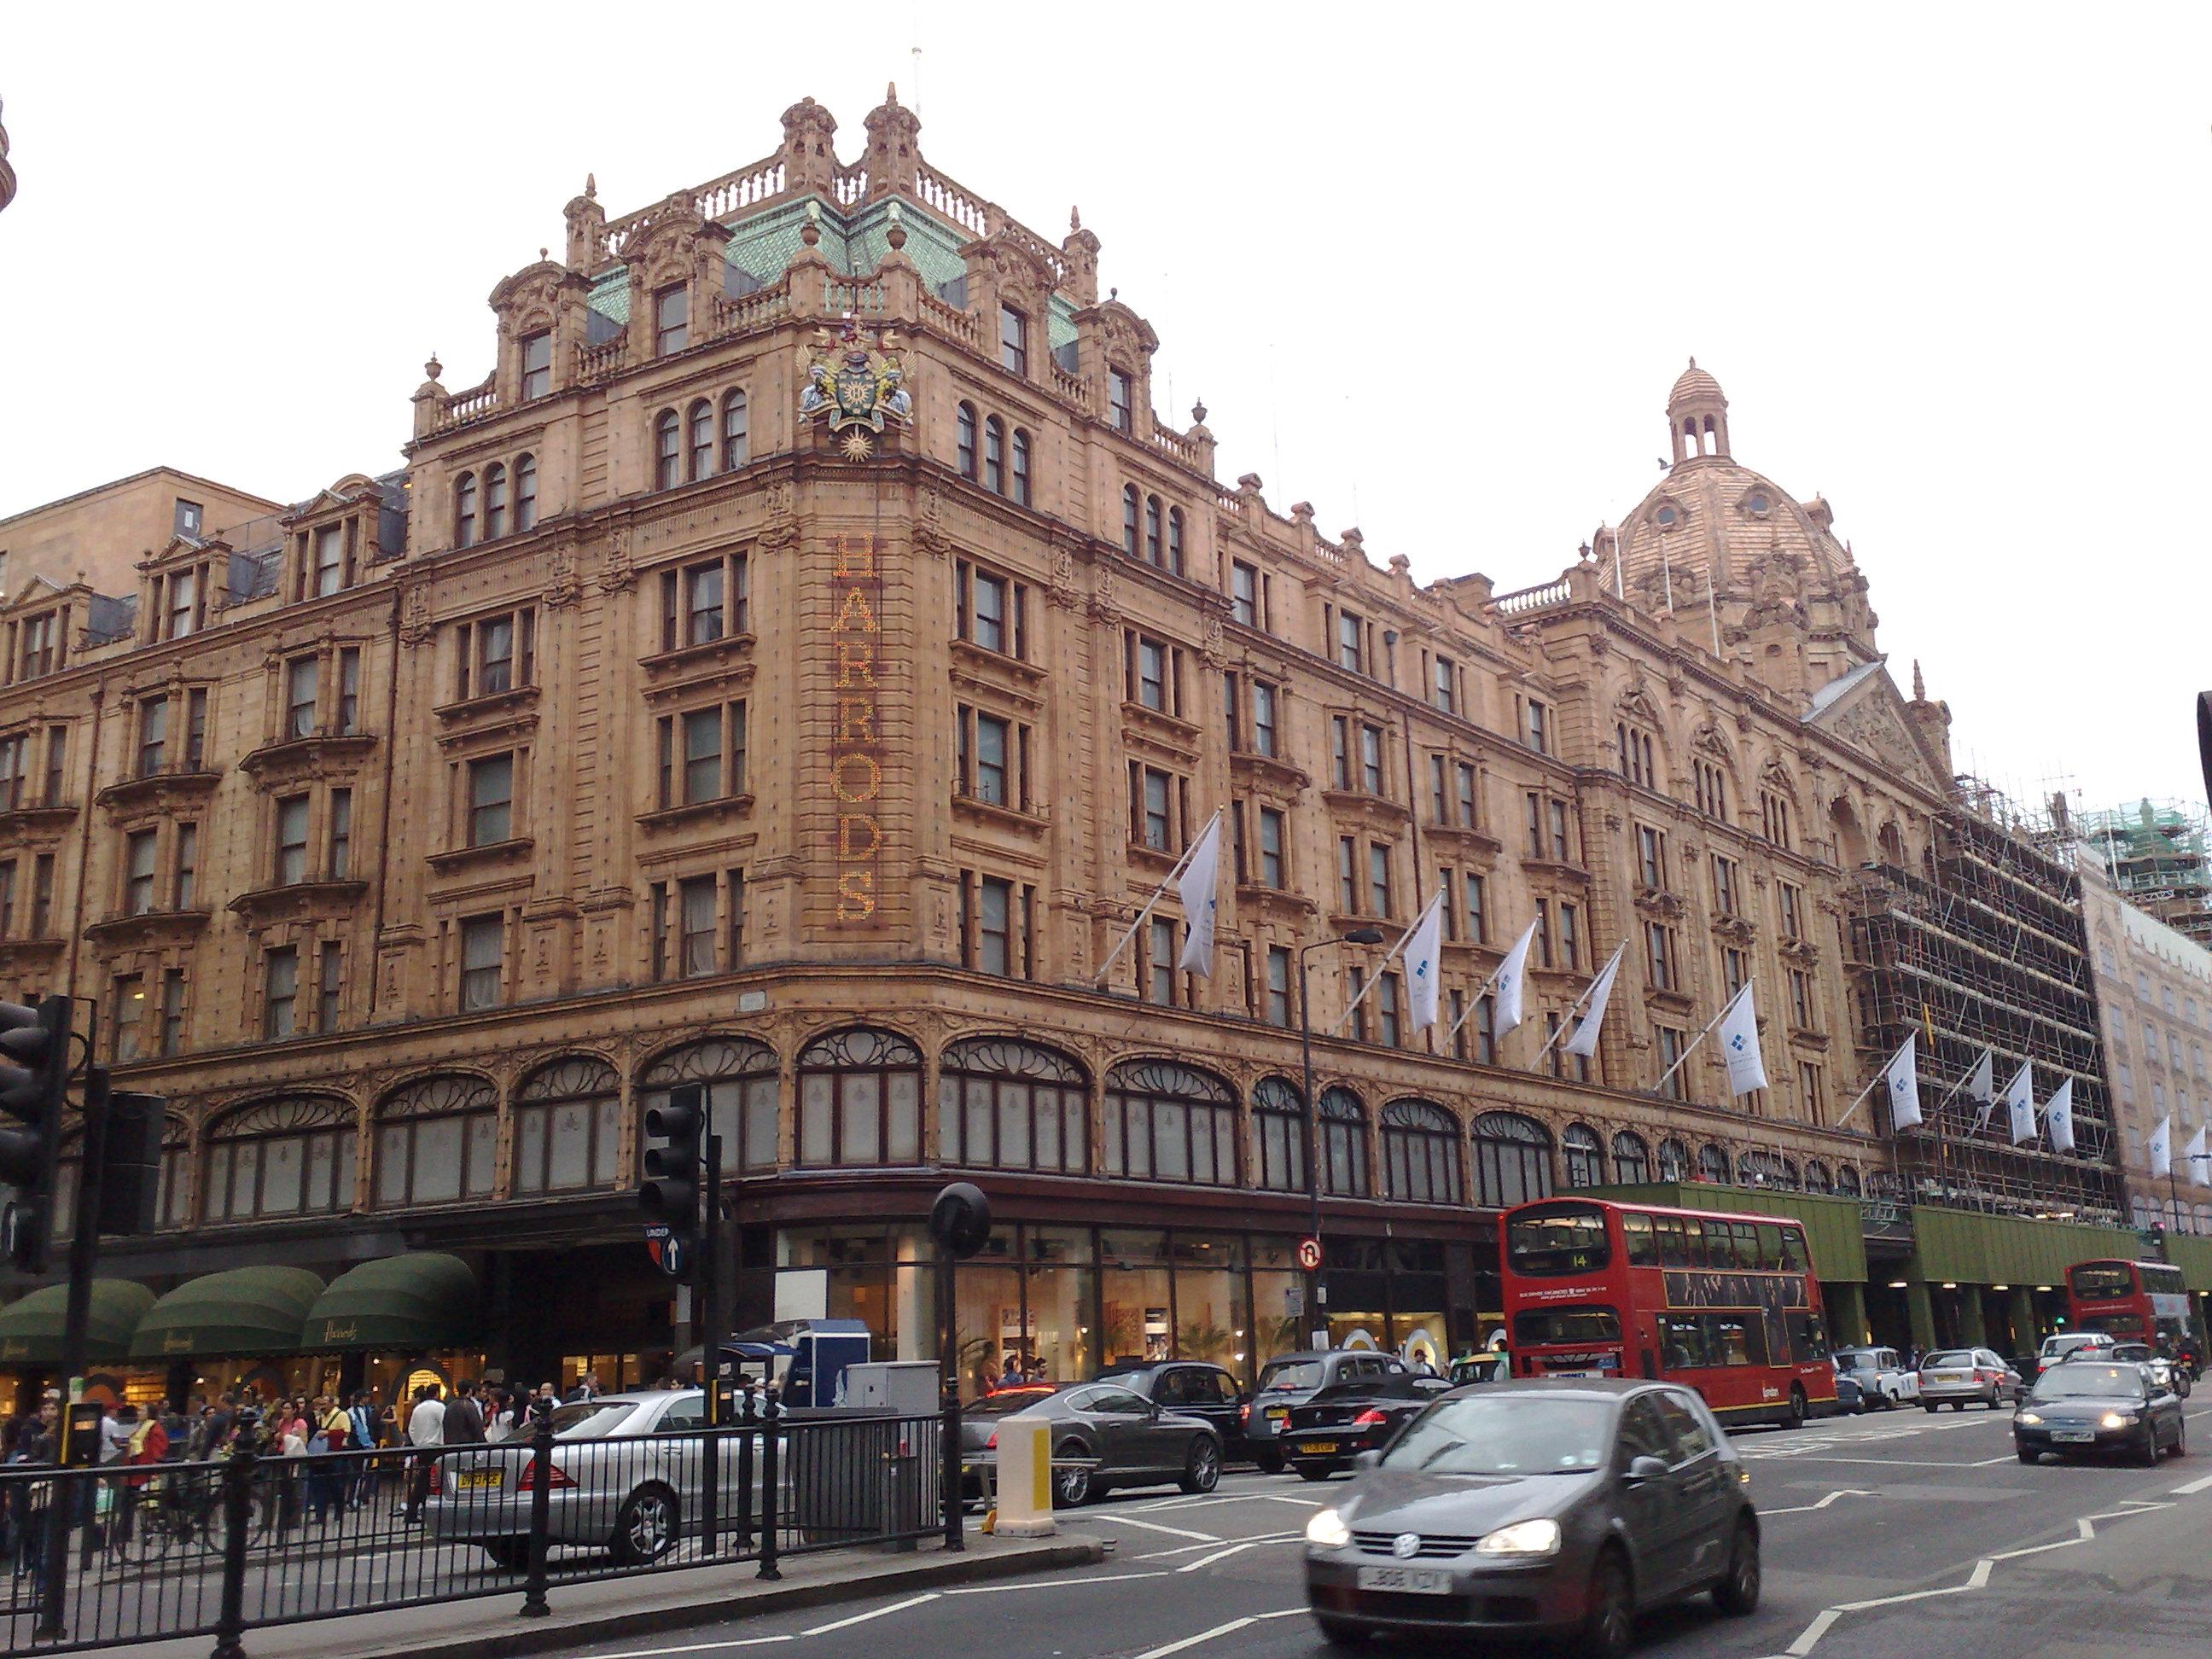 القبض على امرأة أنفقت 16 مليون استرليني بمتجر في لندن